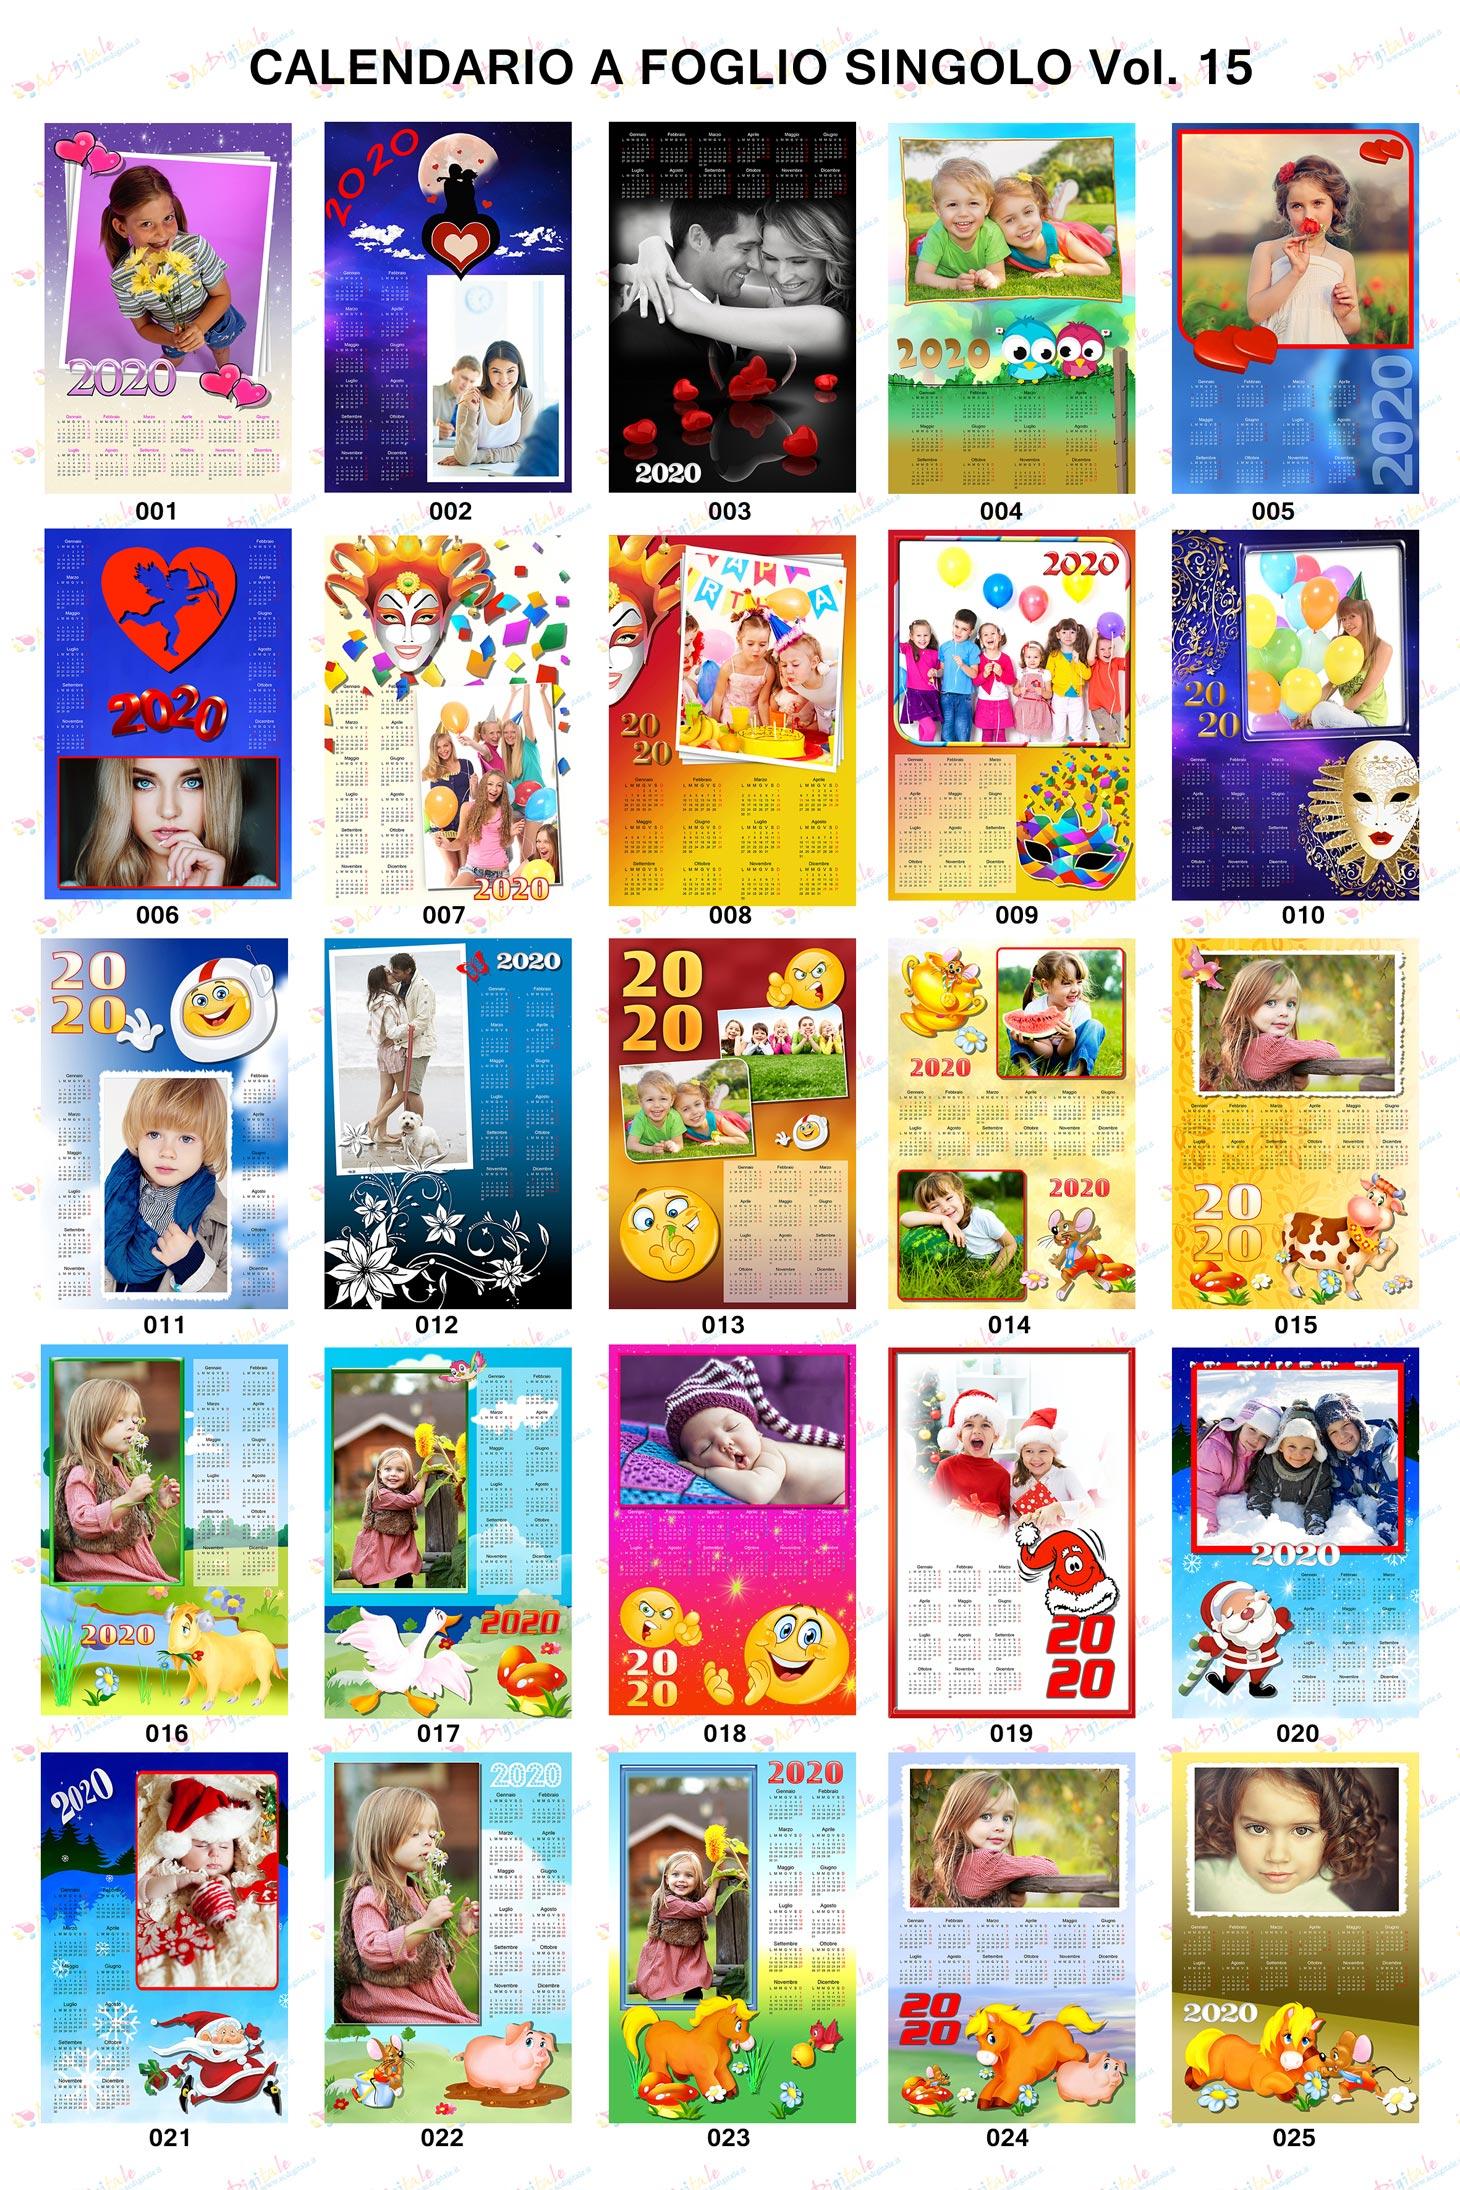 Anteprima calendari personalizzati 2020 volume 15